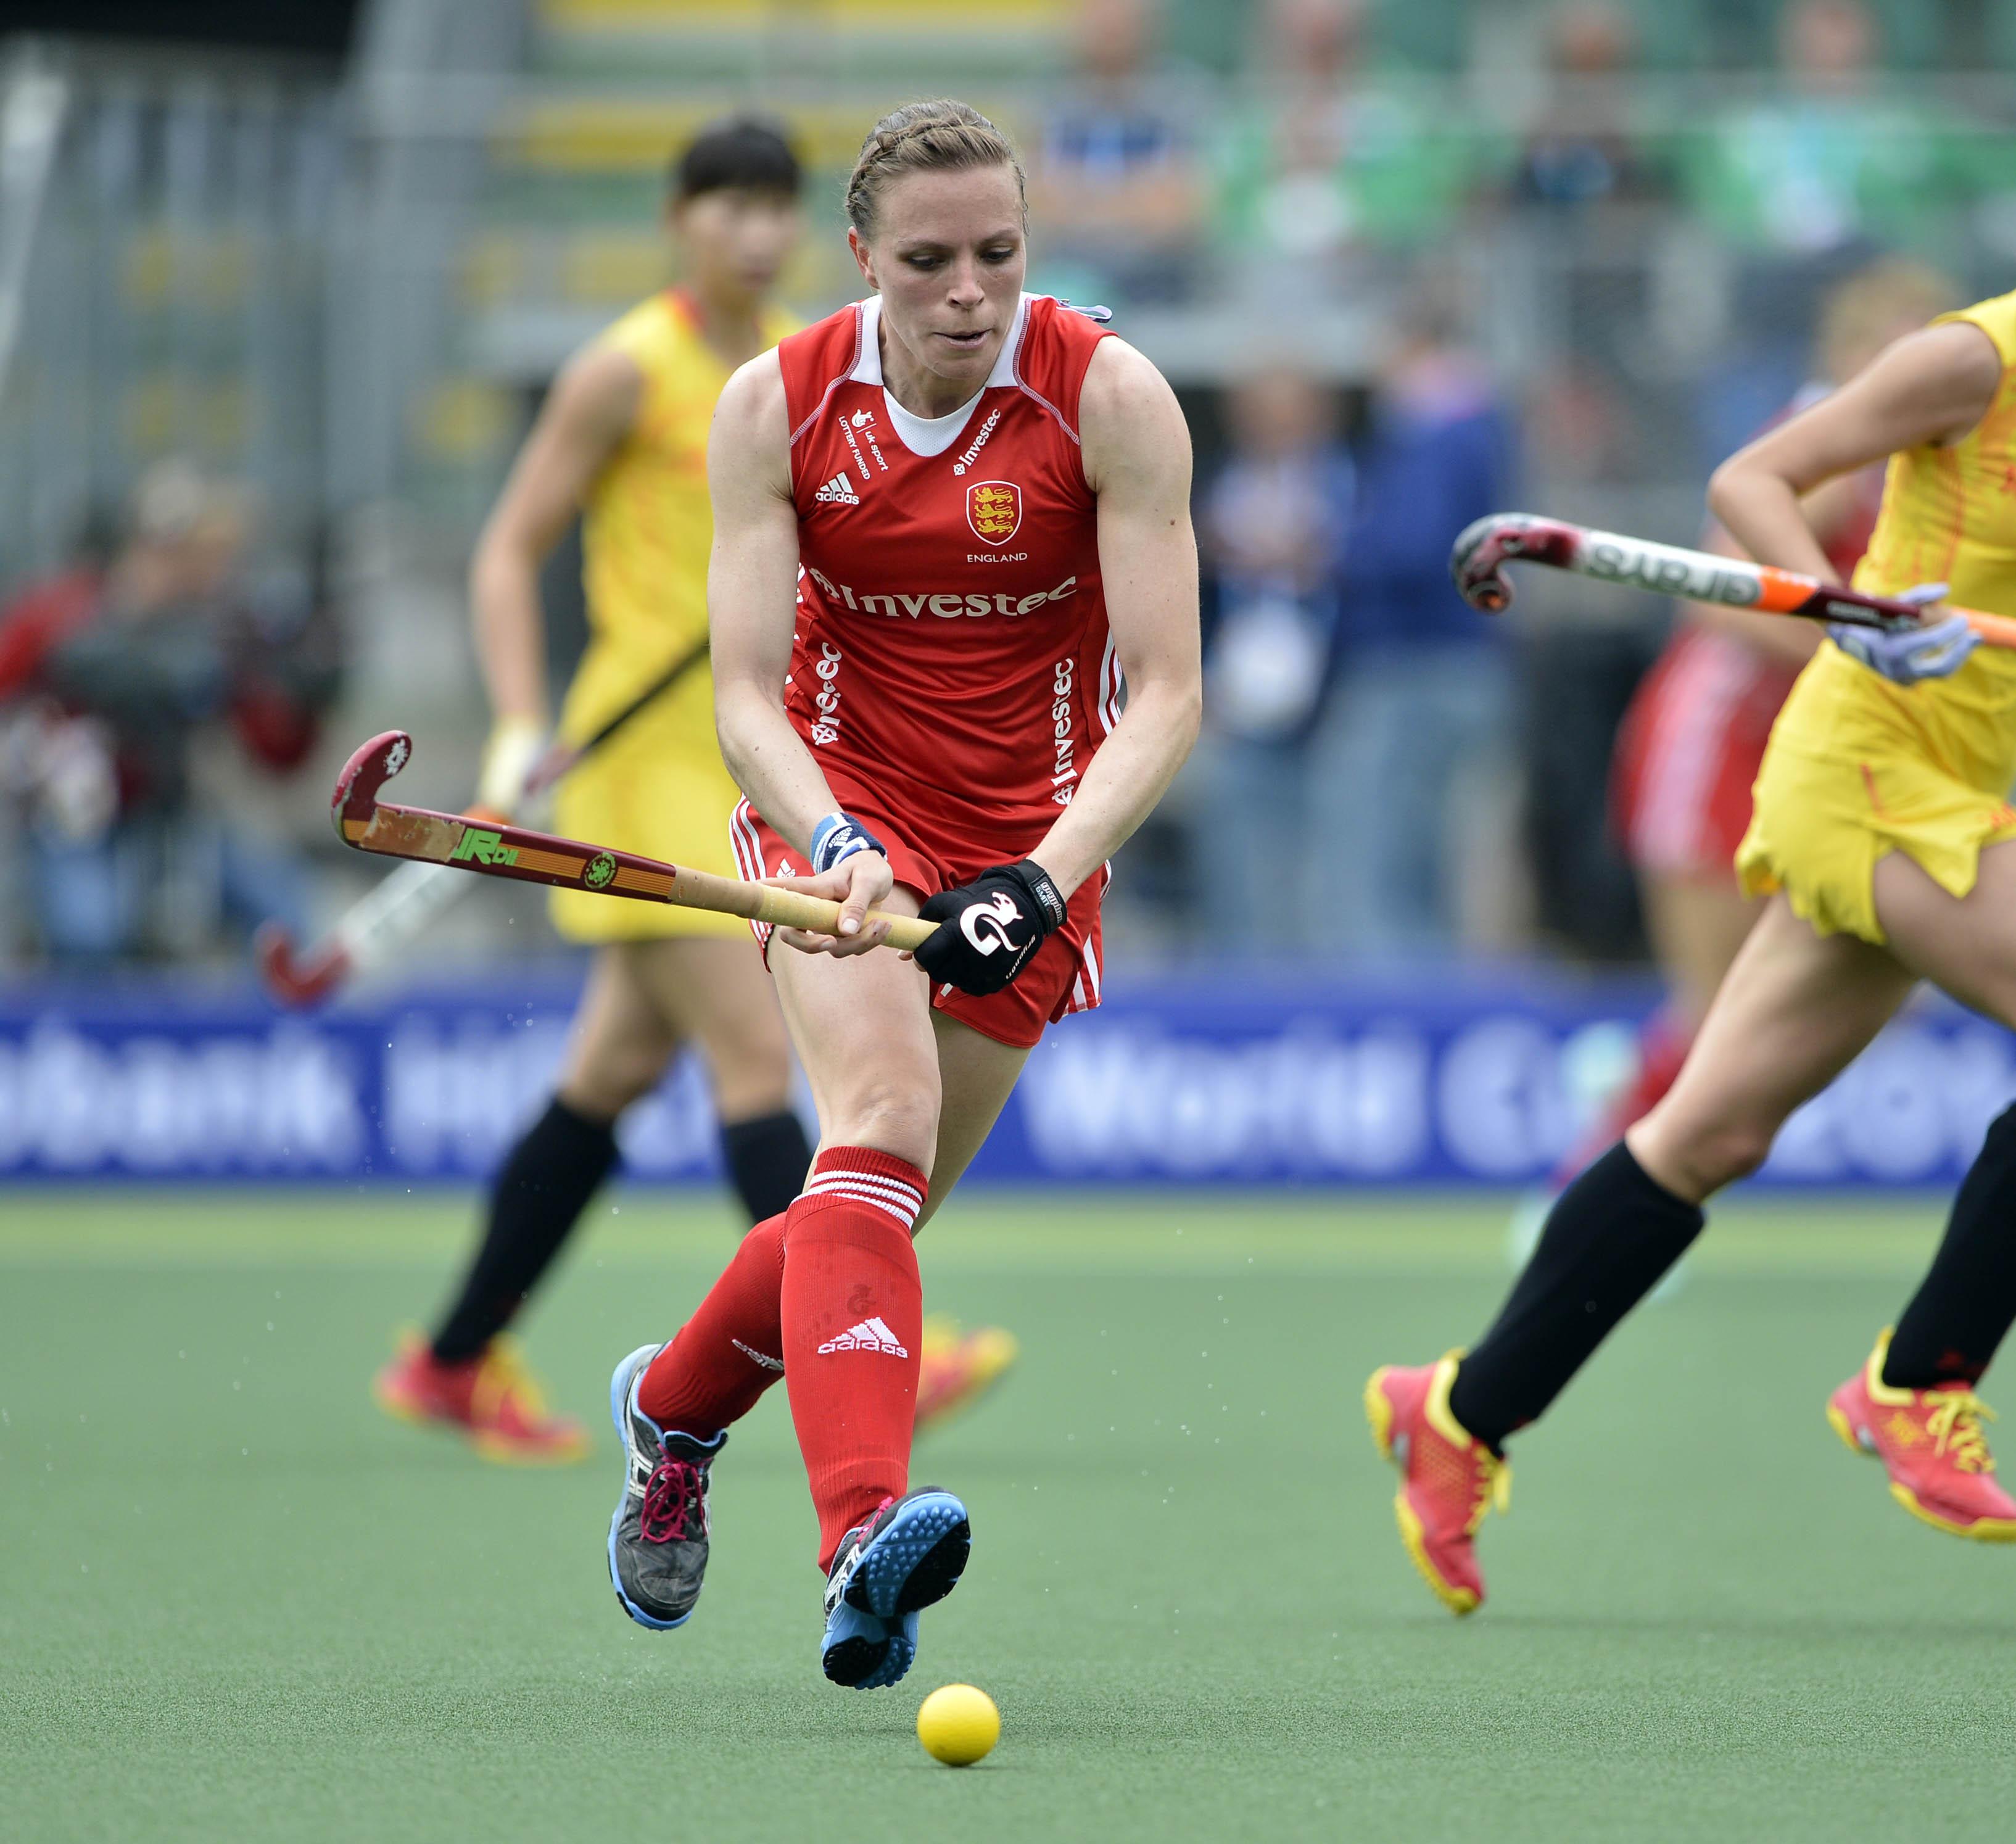 Kate Richardson-Walsh (c) hockeyimages.co.uk